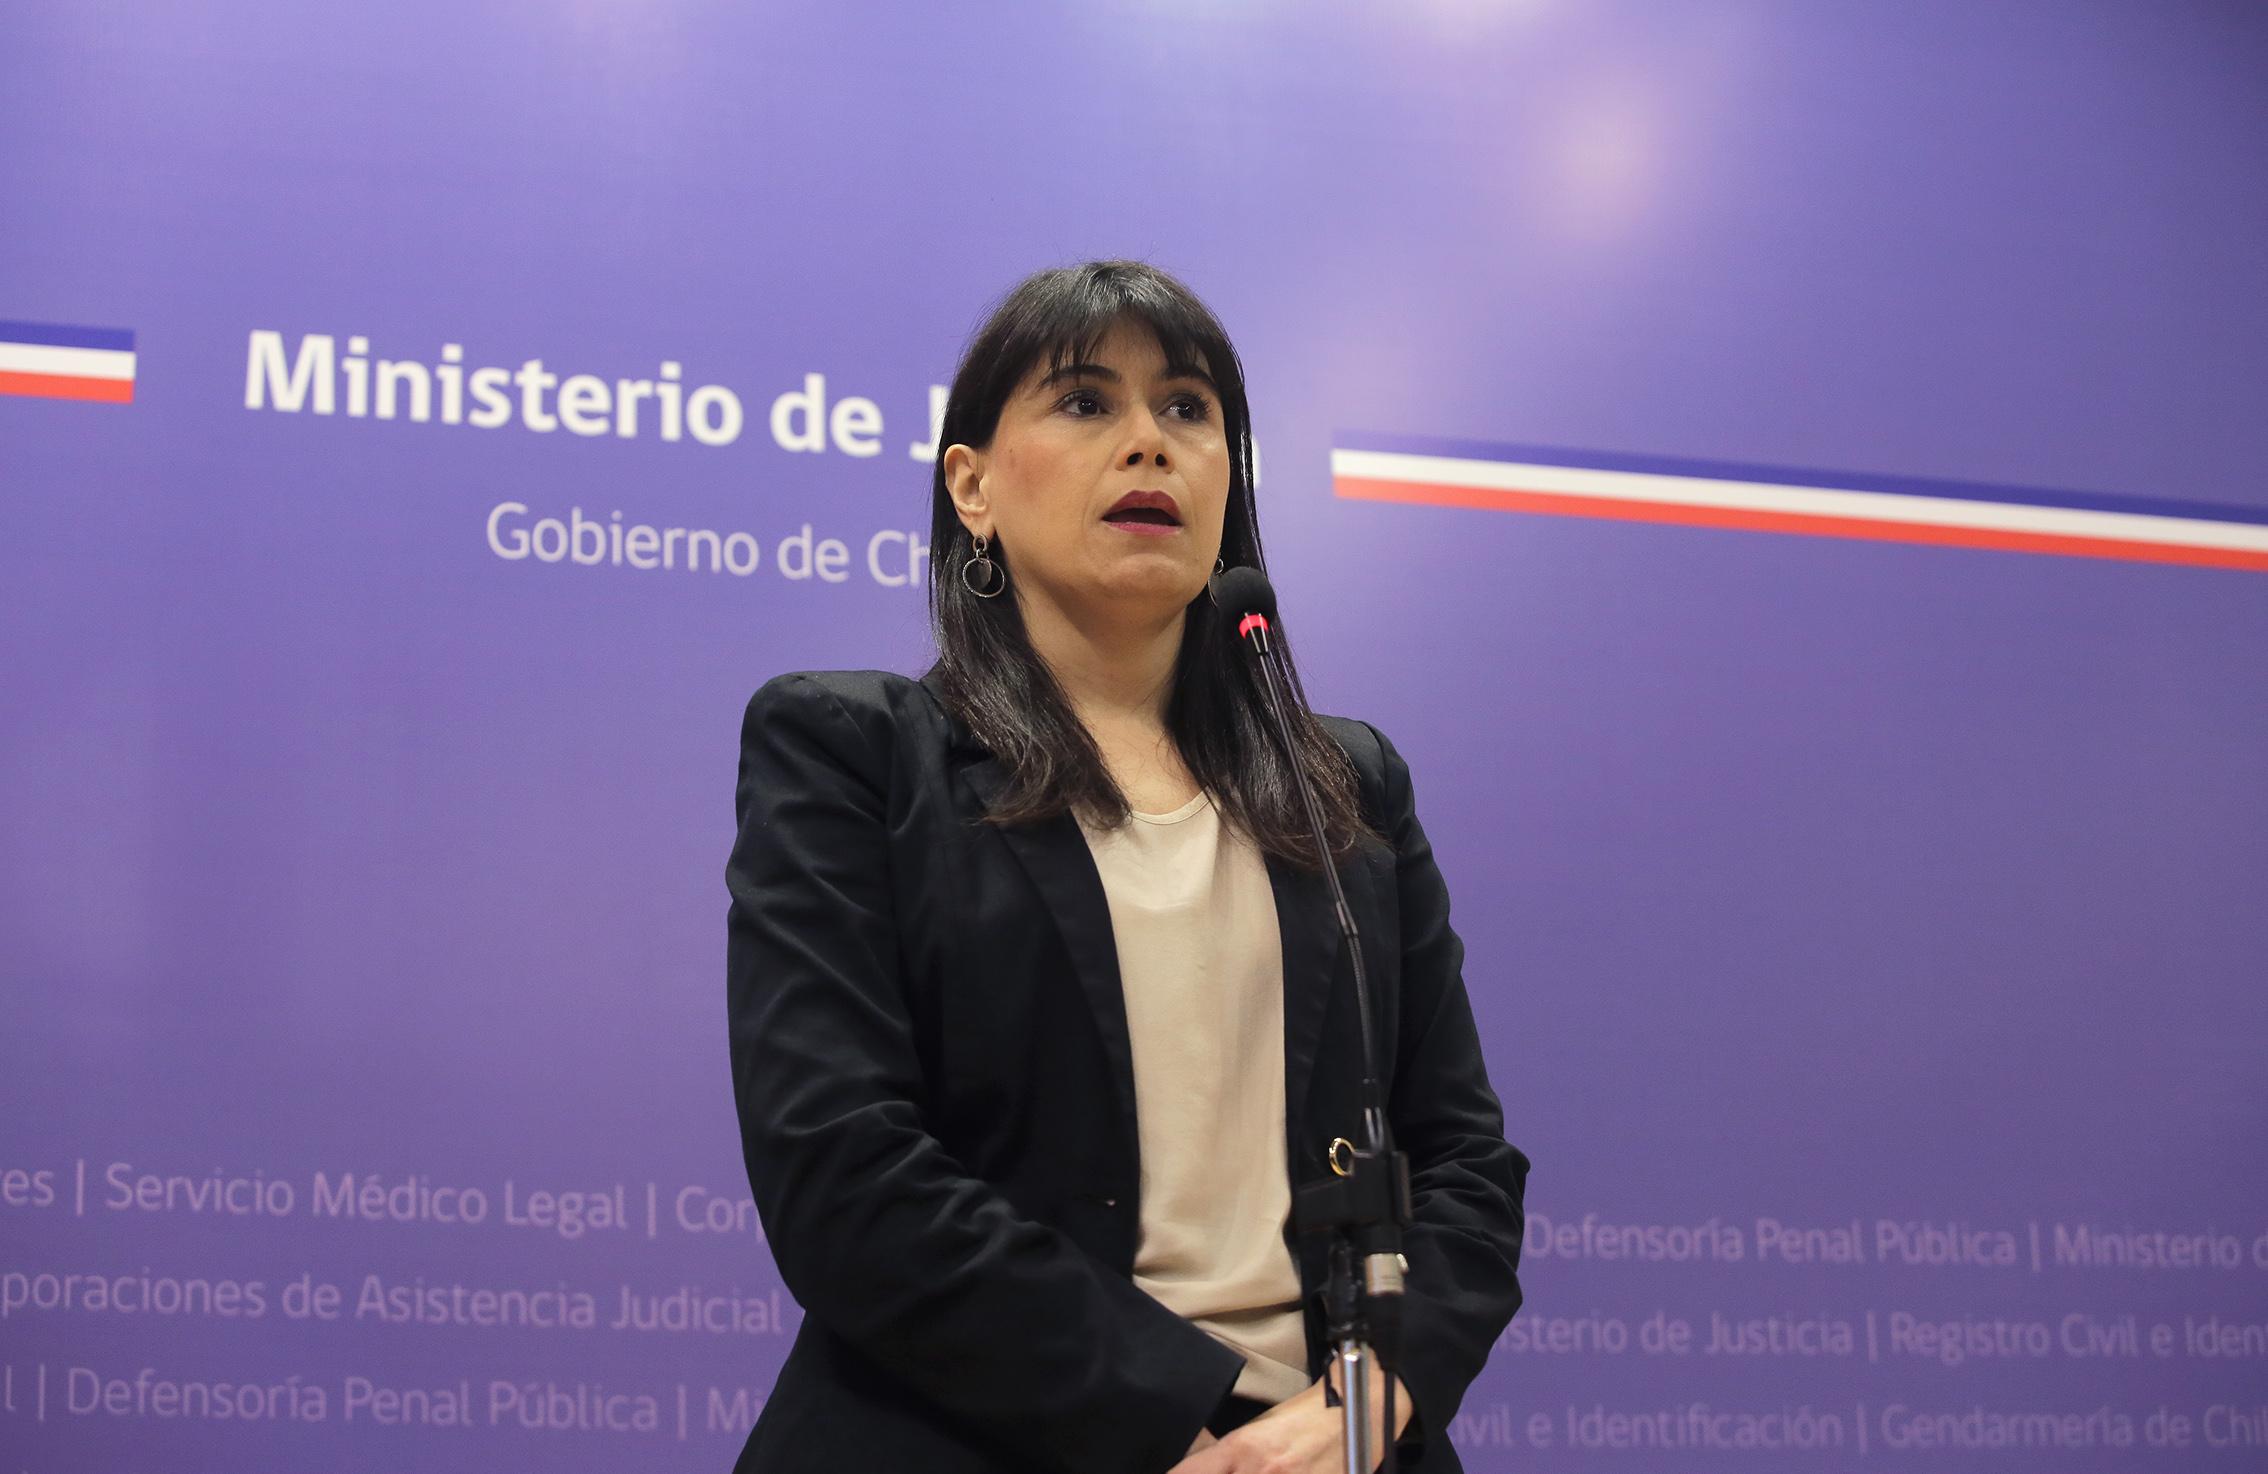 Ministra de Justicia califica como acuerdo responsable el obtenido con funcionarios del registro civil